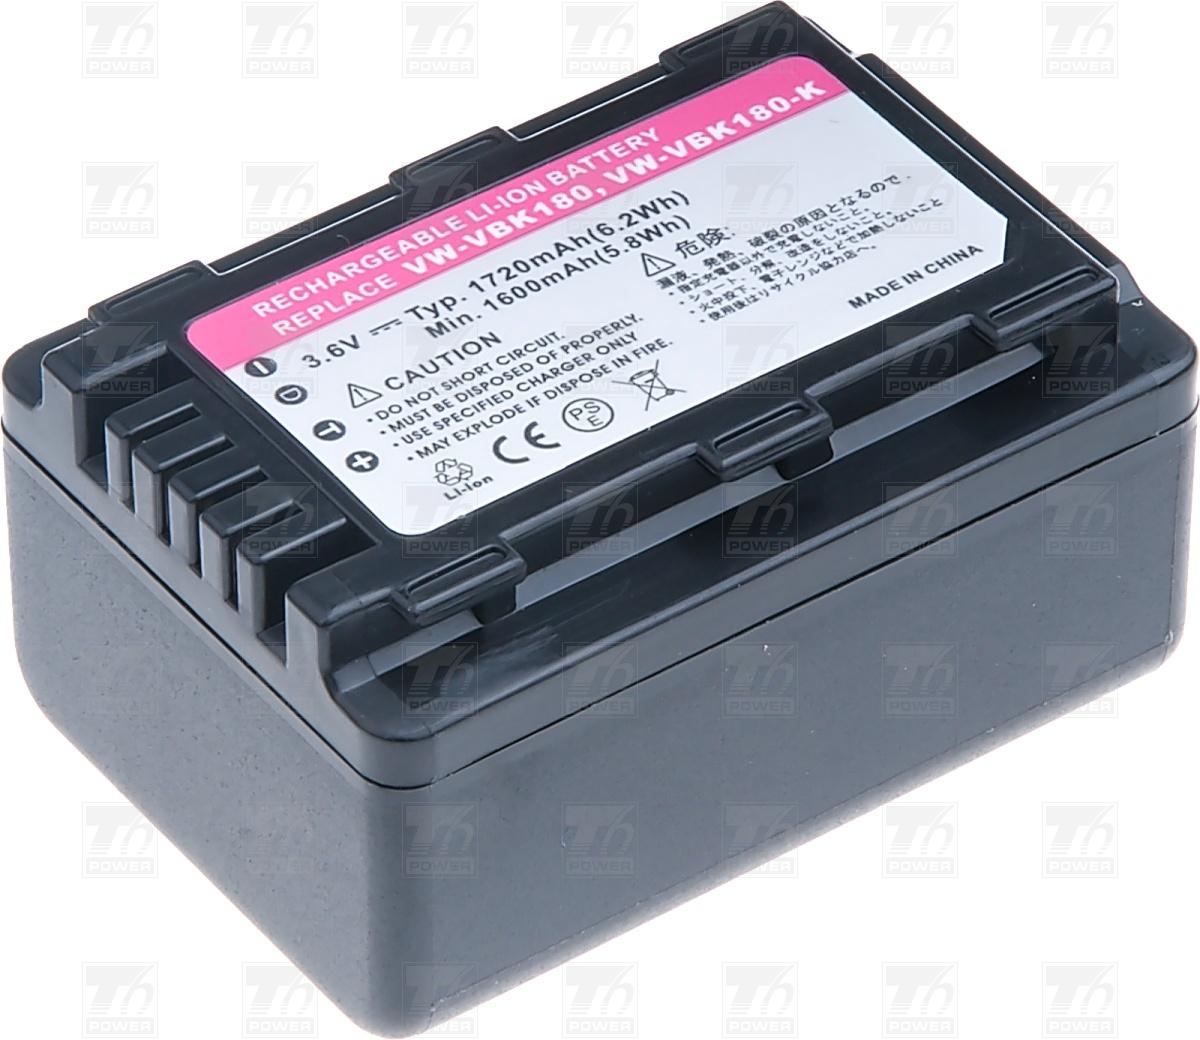 T6 power Baterie T6 power VW-VBK180, VW-VBK180E-K, VW-VBK180GK,